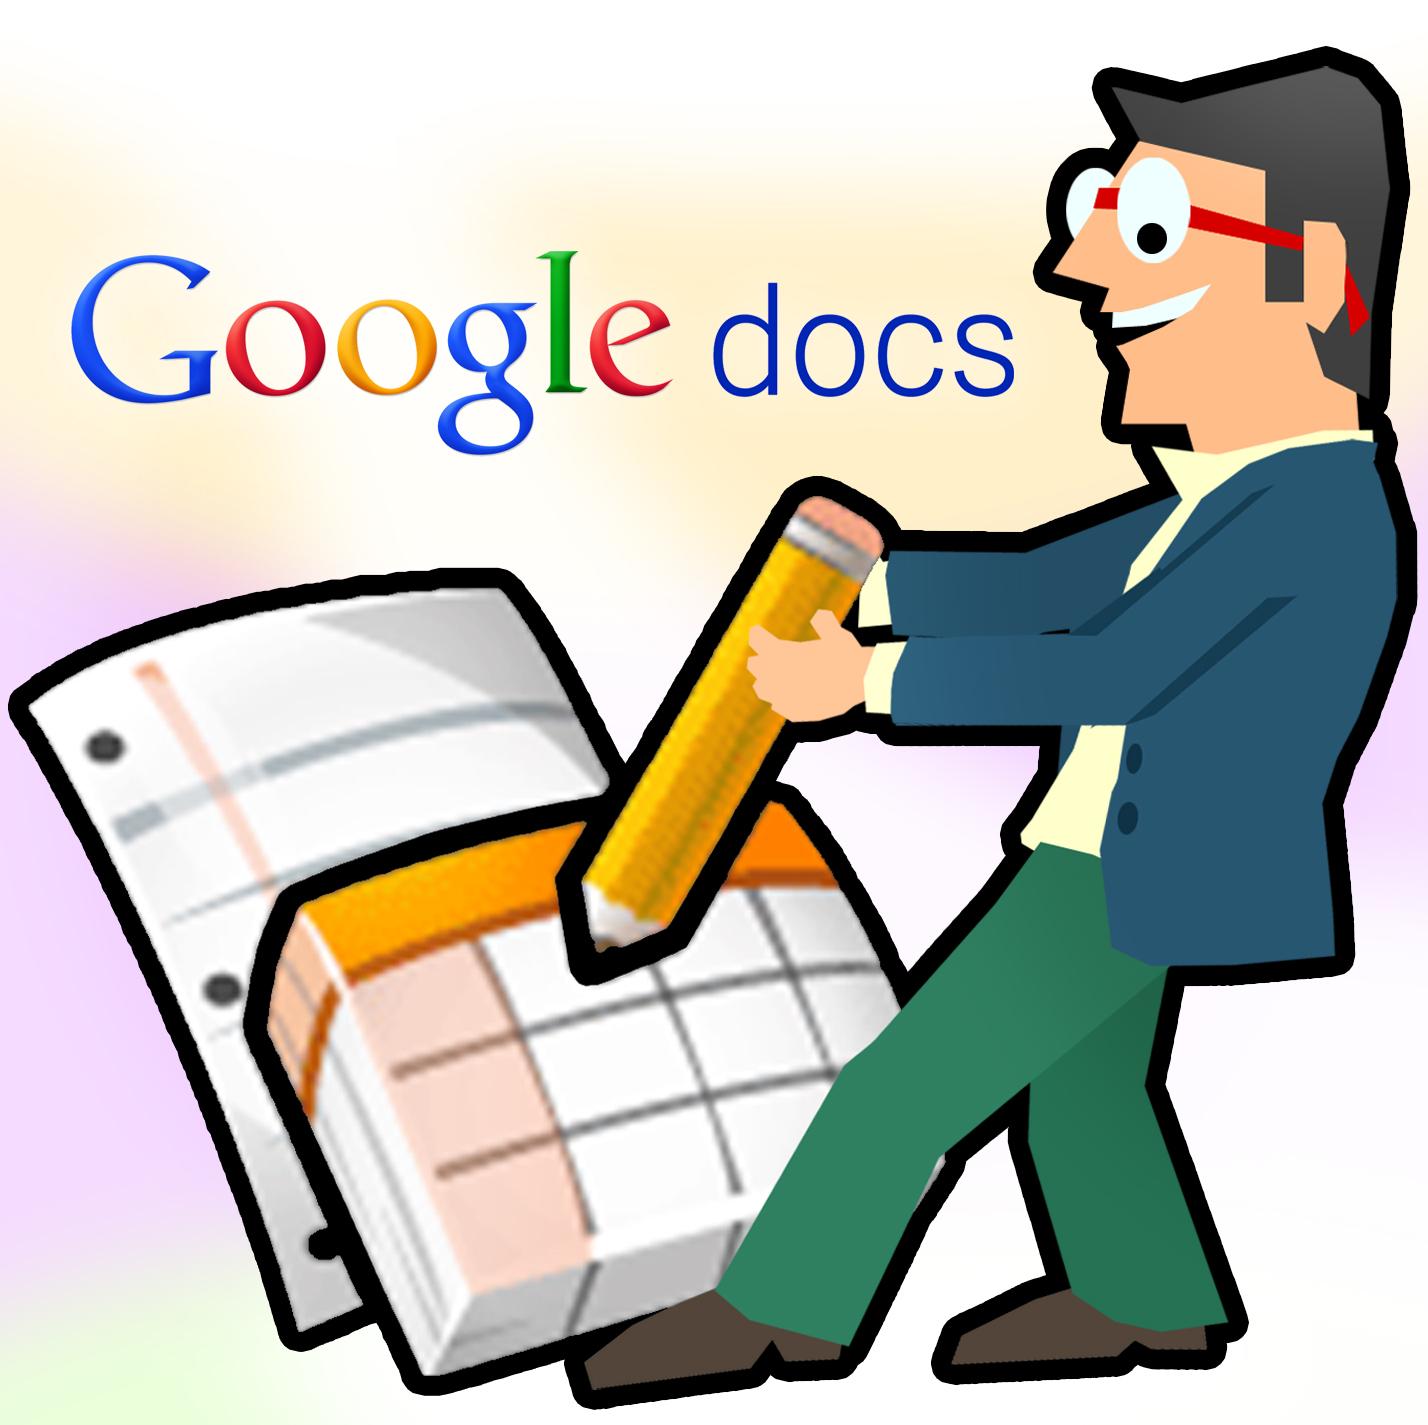 Google выпустила приложения Docs и Sheets для работы с документами и таблицами на iOS и Android